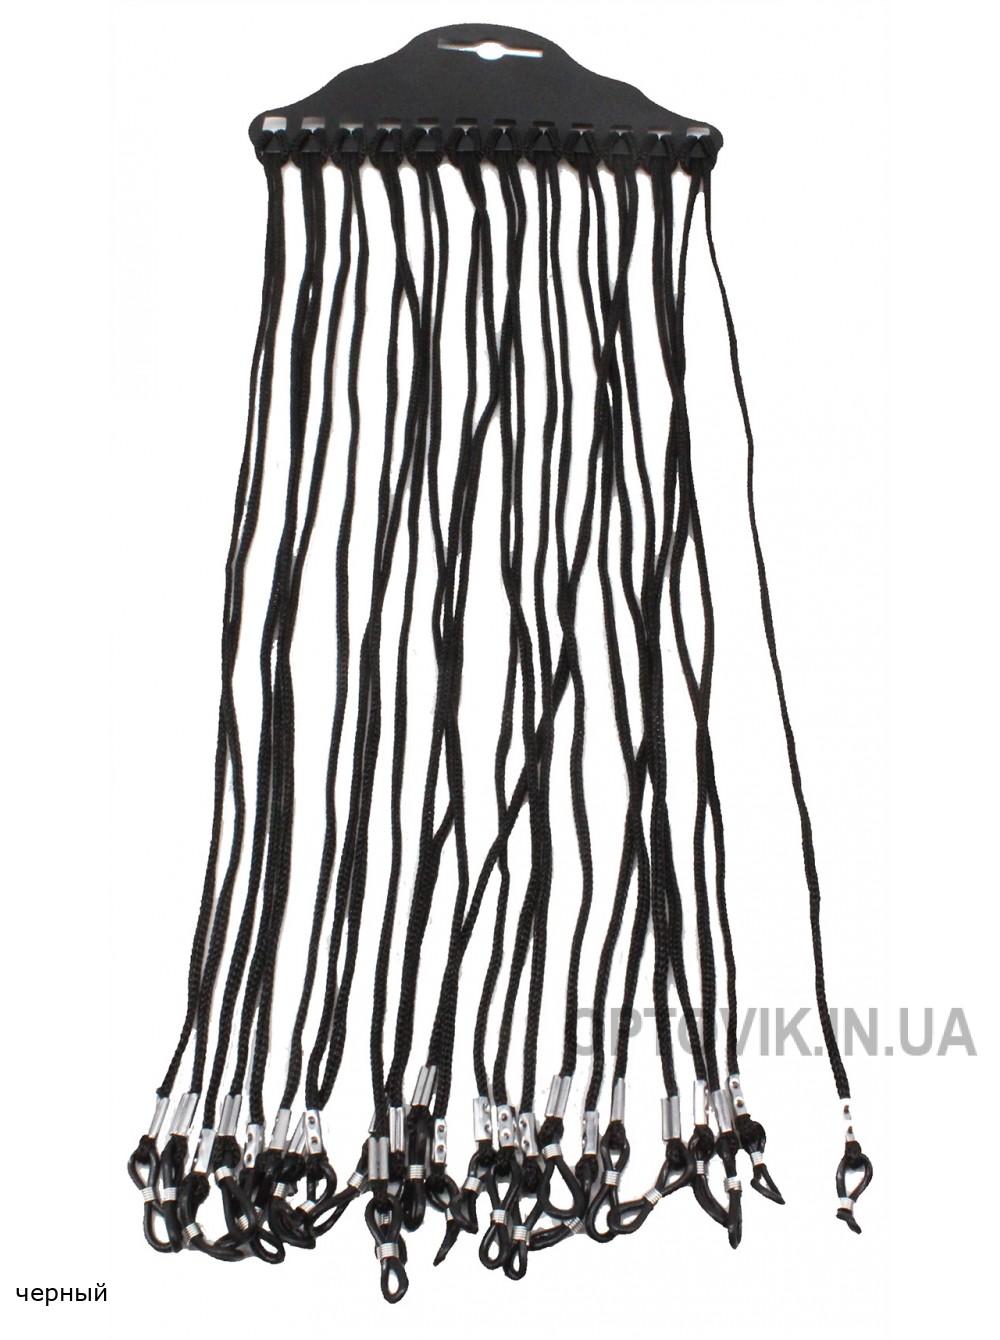 Шнурок для очков (упаковка 12 шт)